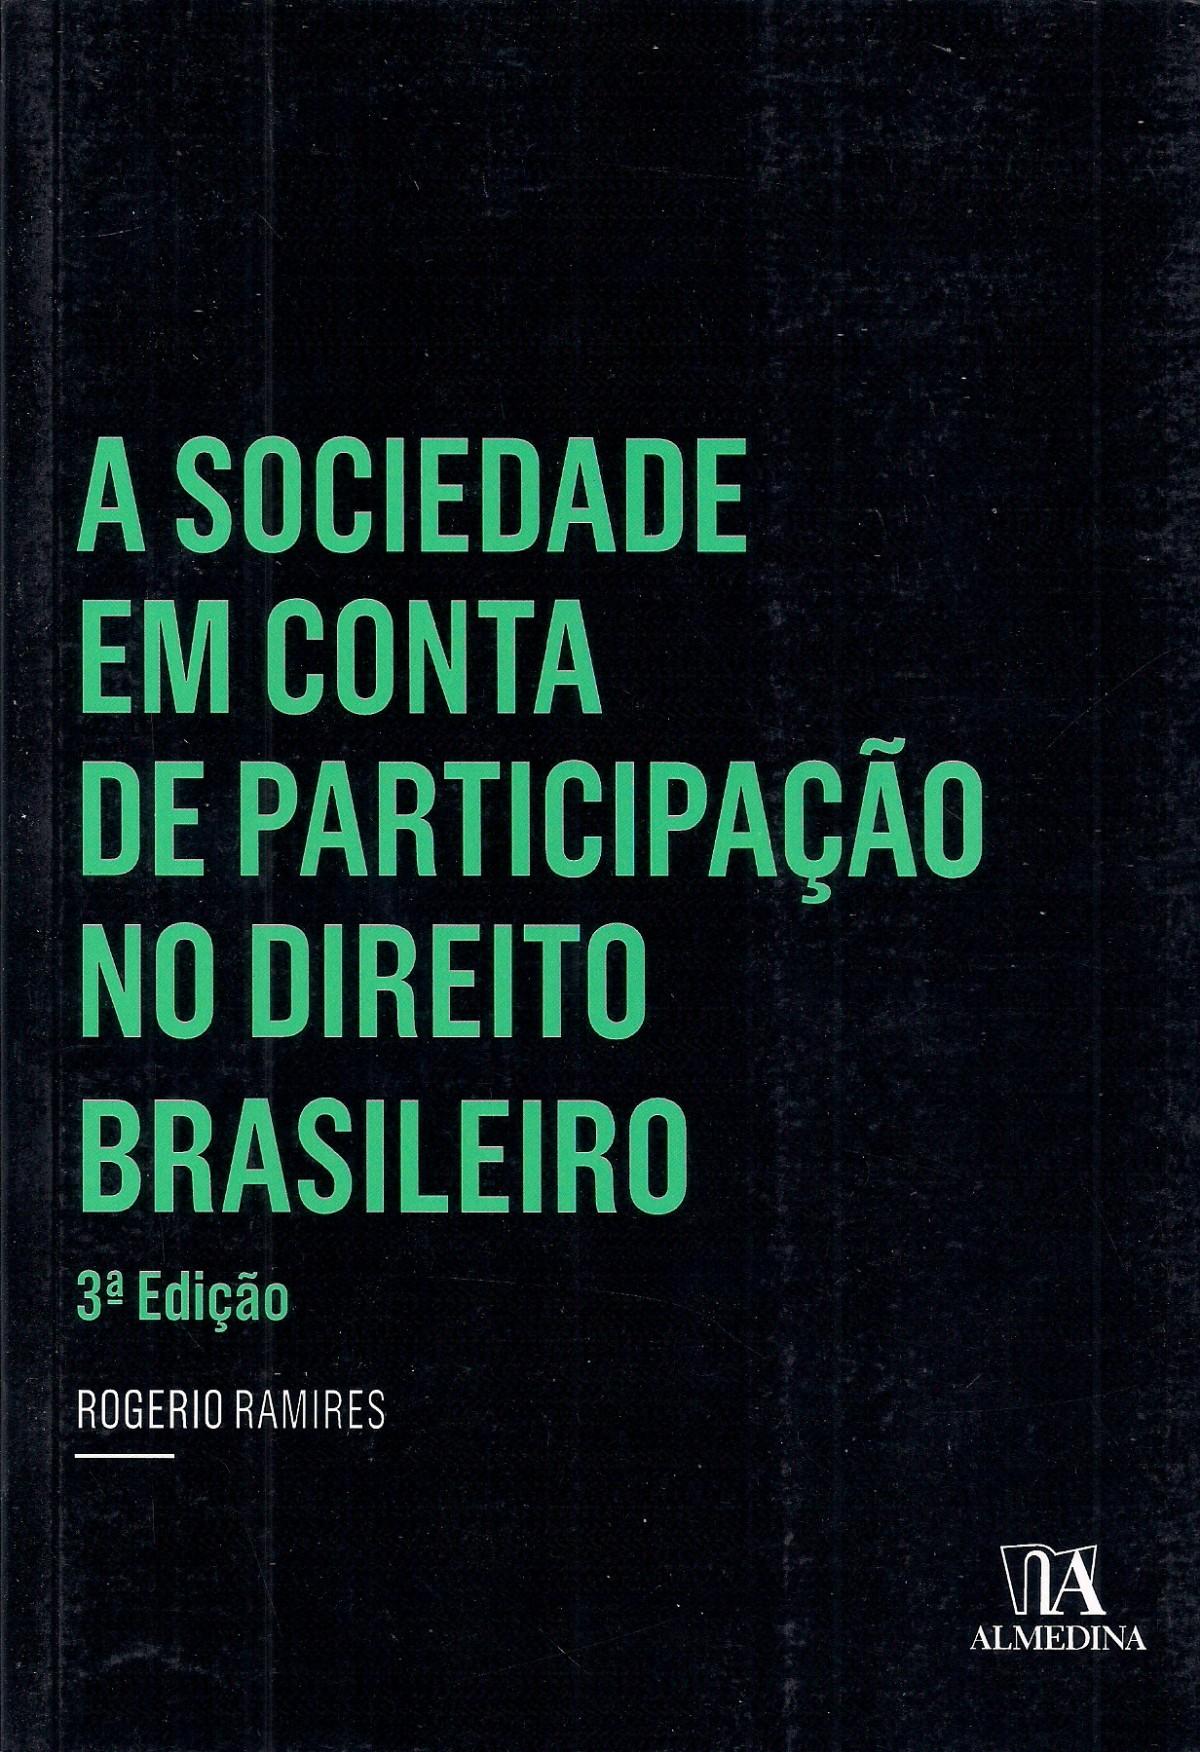 Foto 1 - A Sociedade em Conta de Participação no Direito Brasileiro